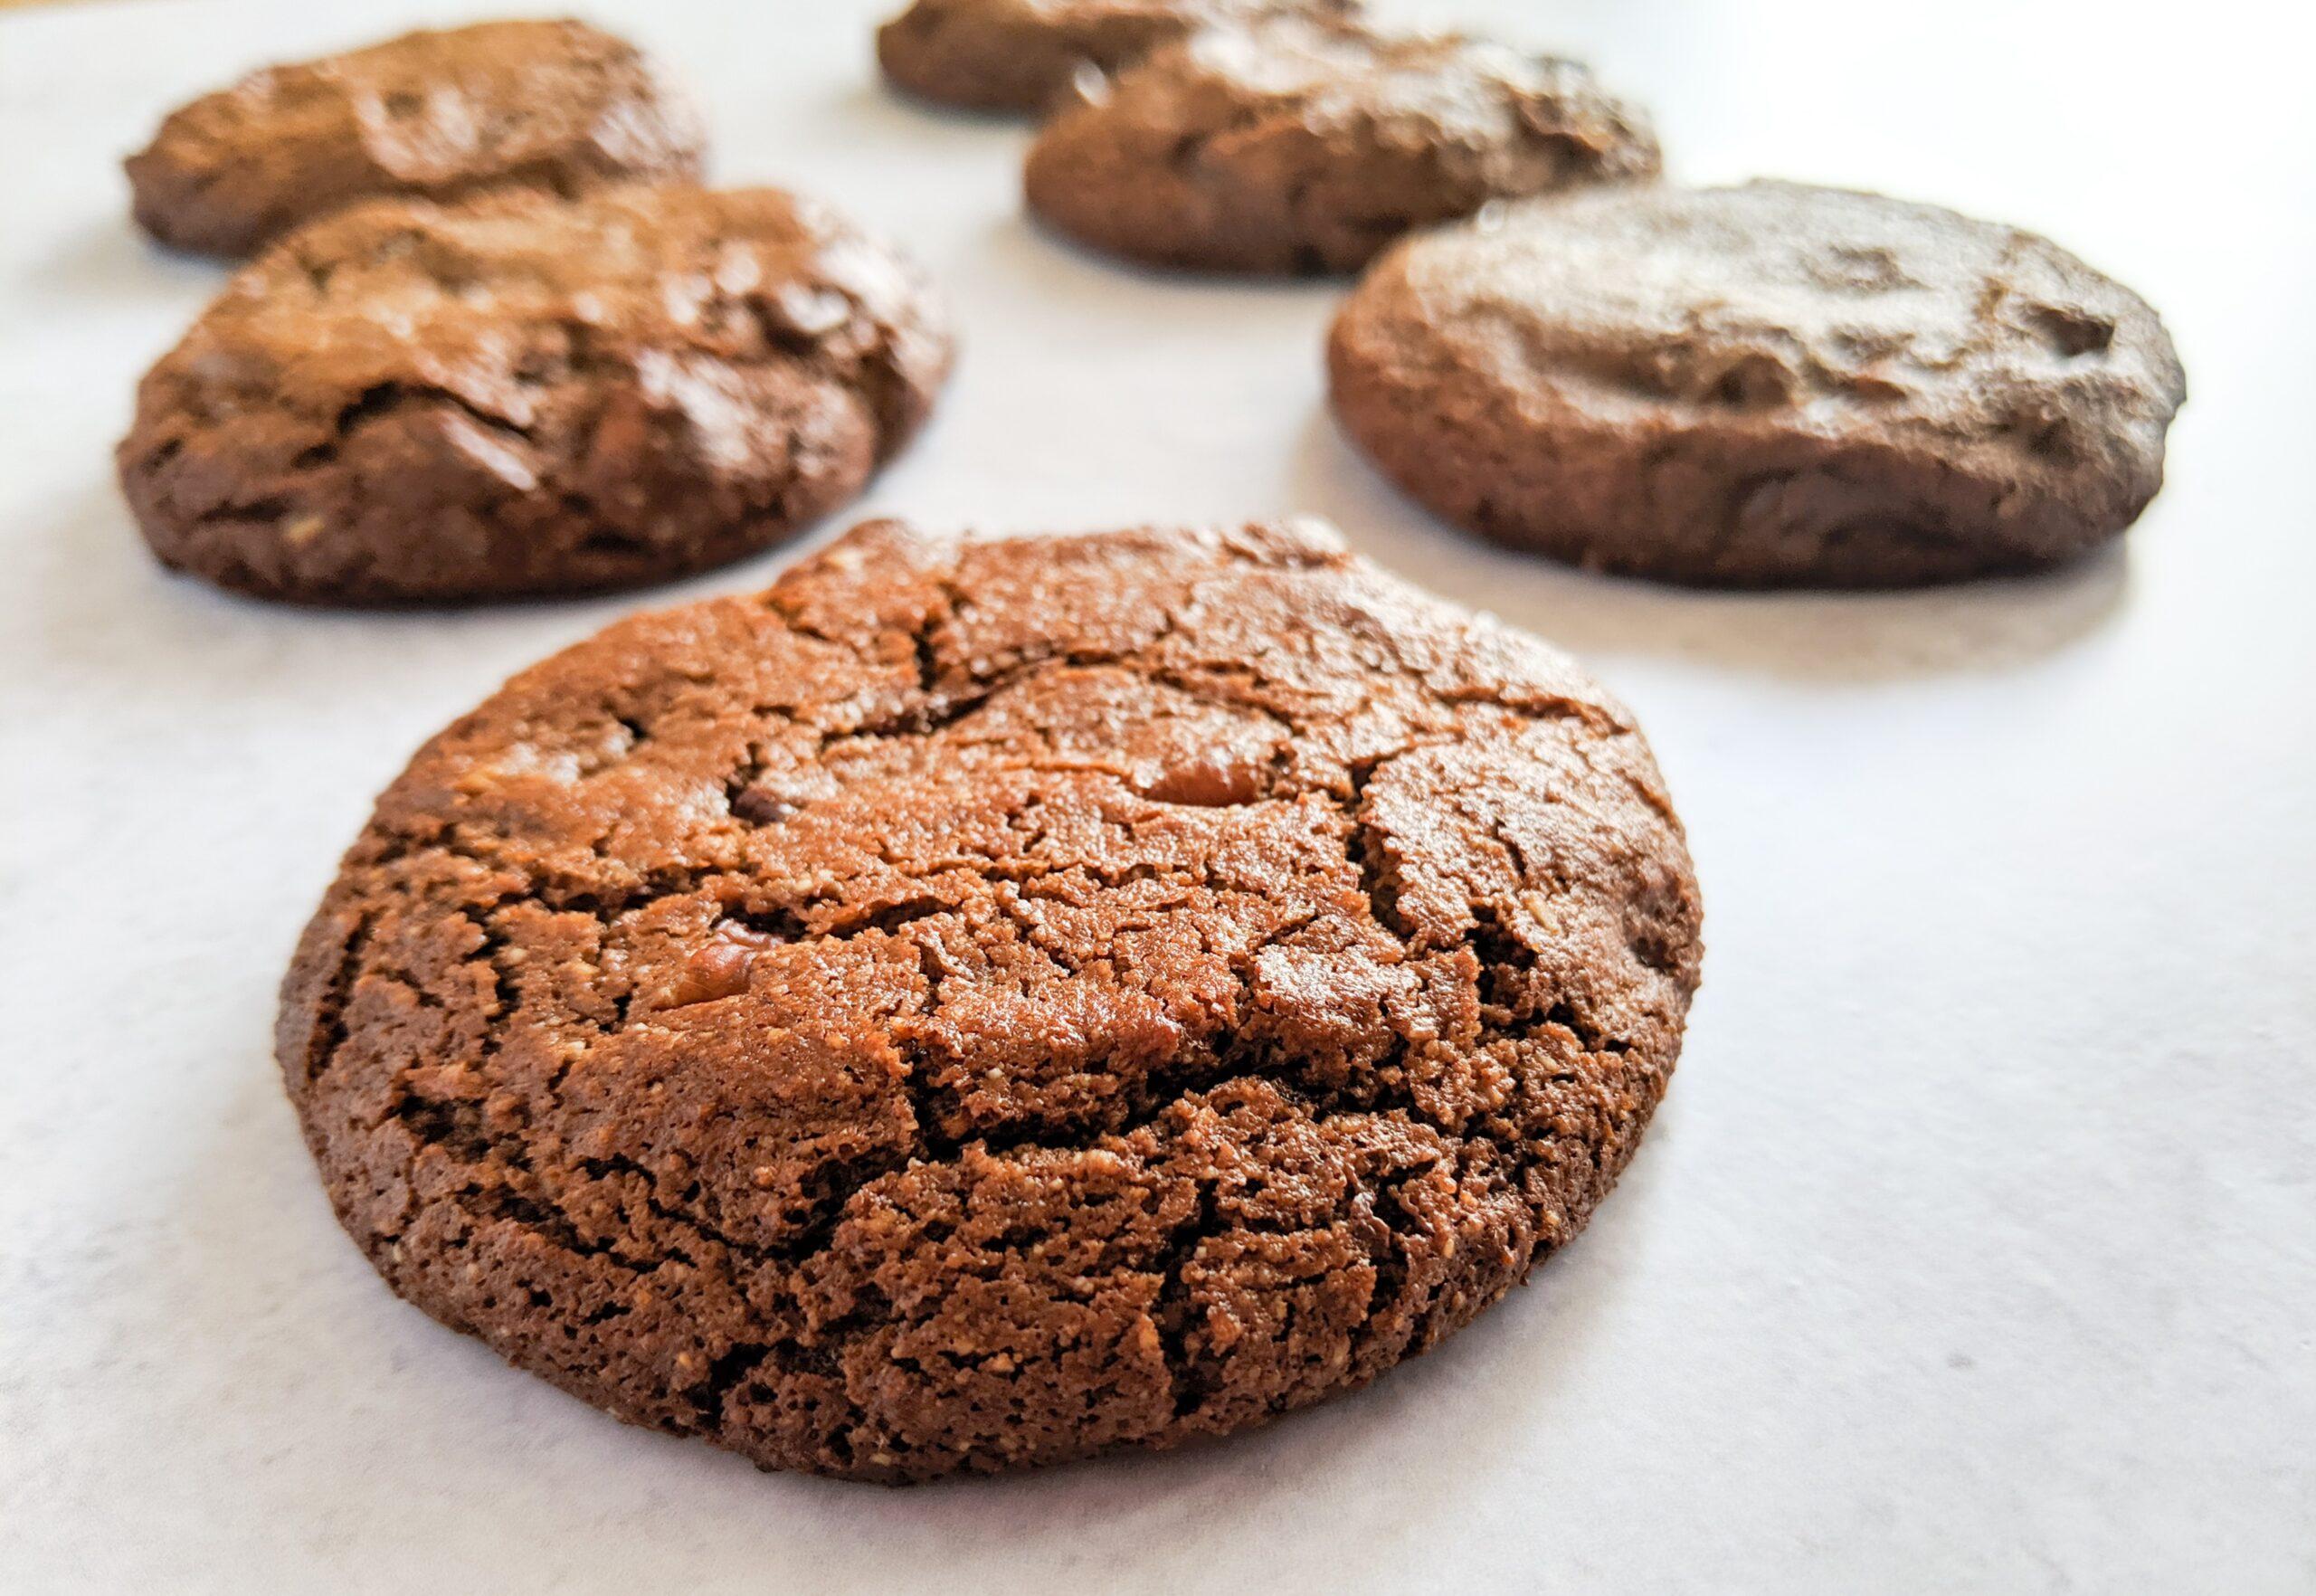 עוגיות שוקולד ללא גלוטן. צילום: אסי רוז